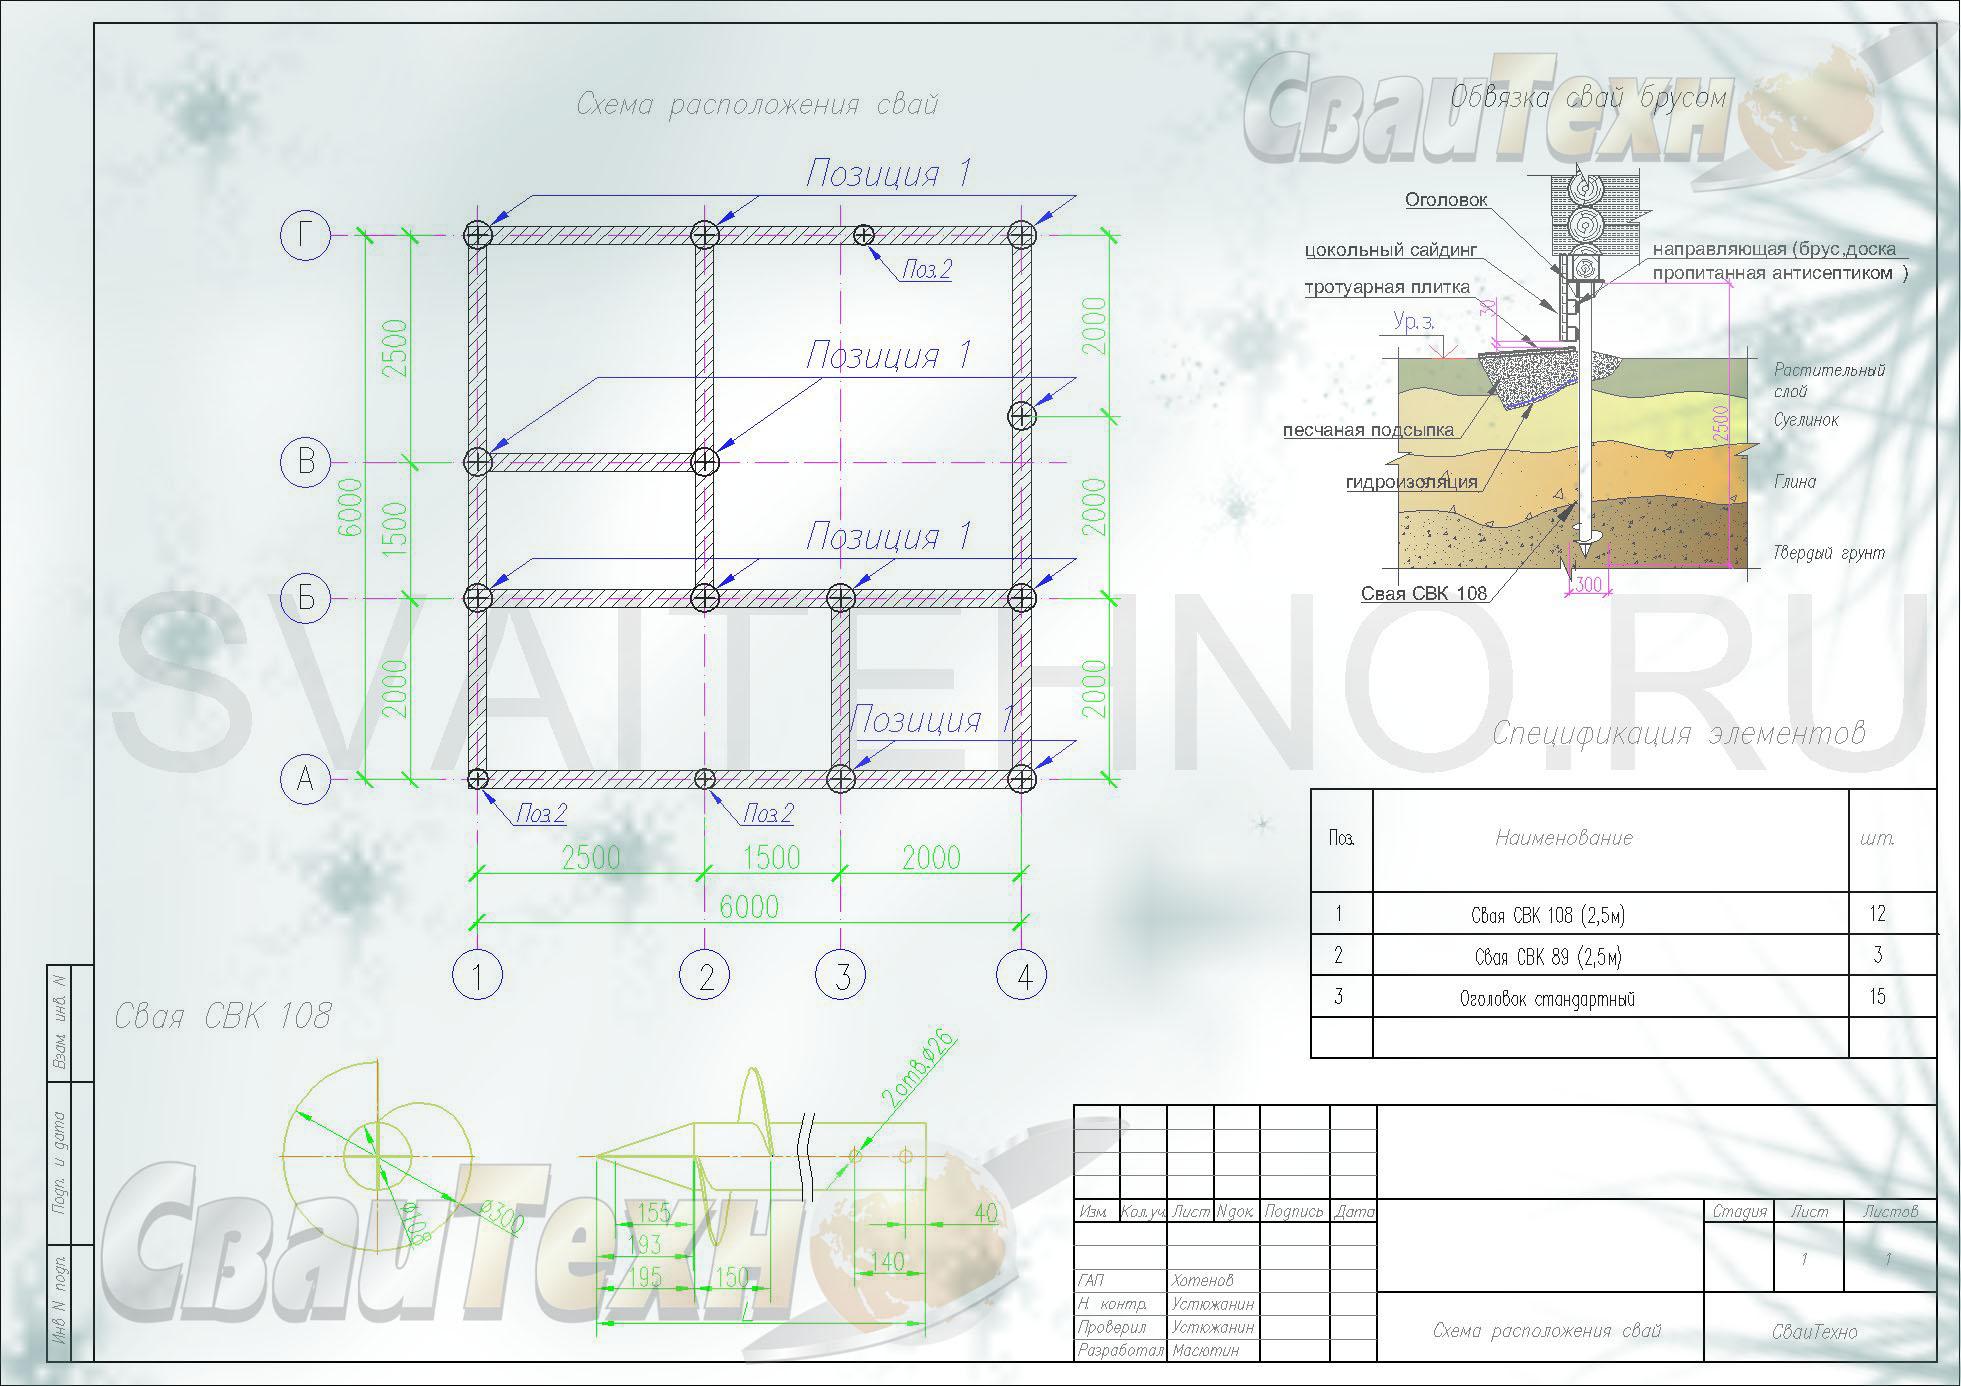 Схема расположения свай для фундамента бани из оцилиндрованного бревна